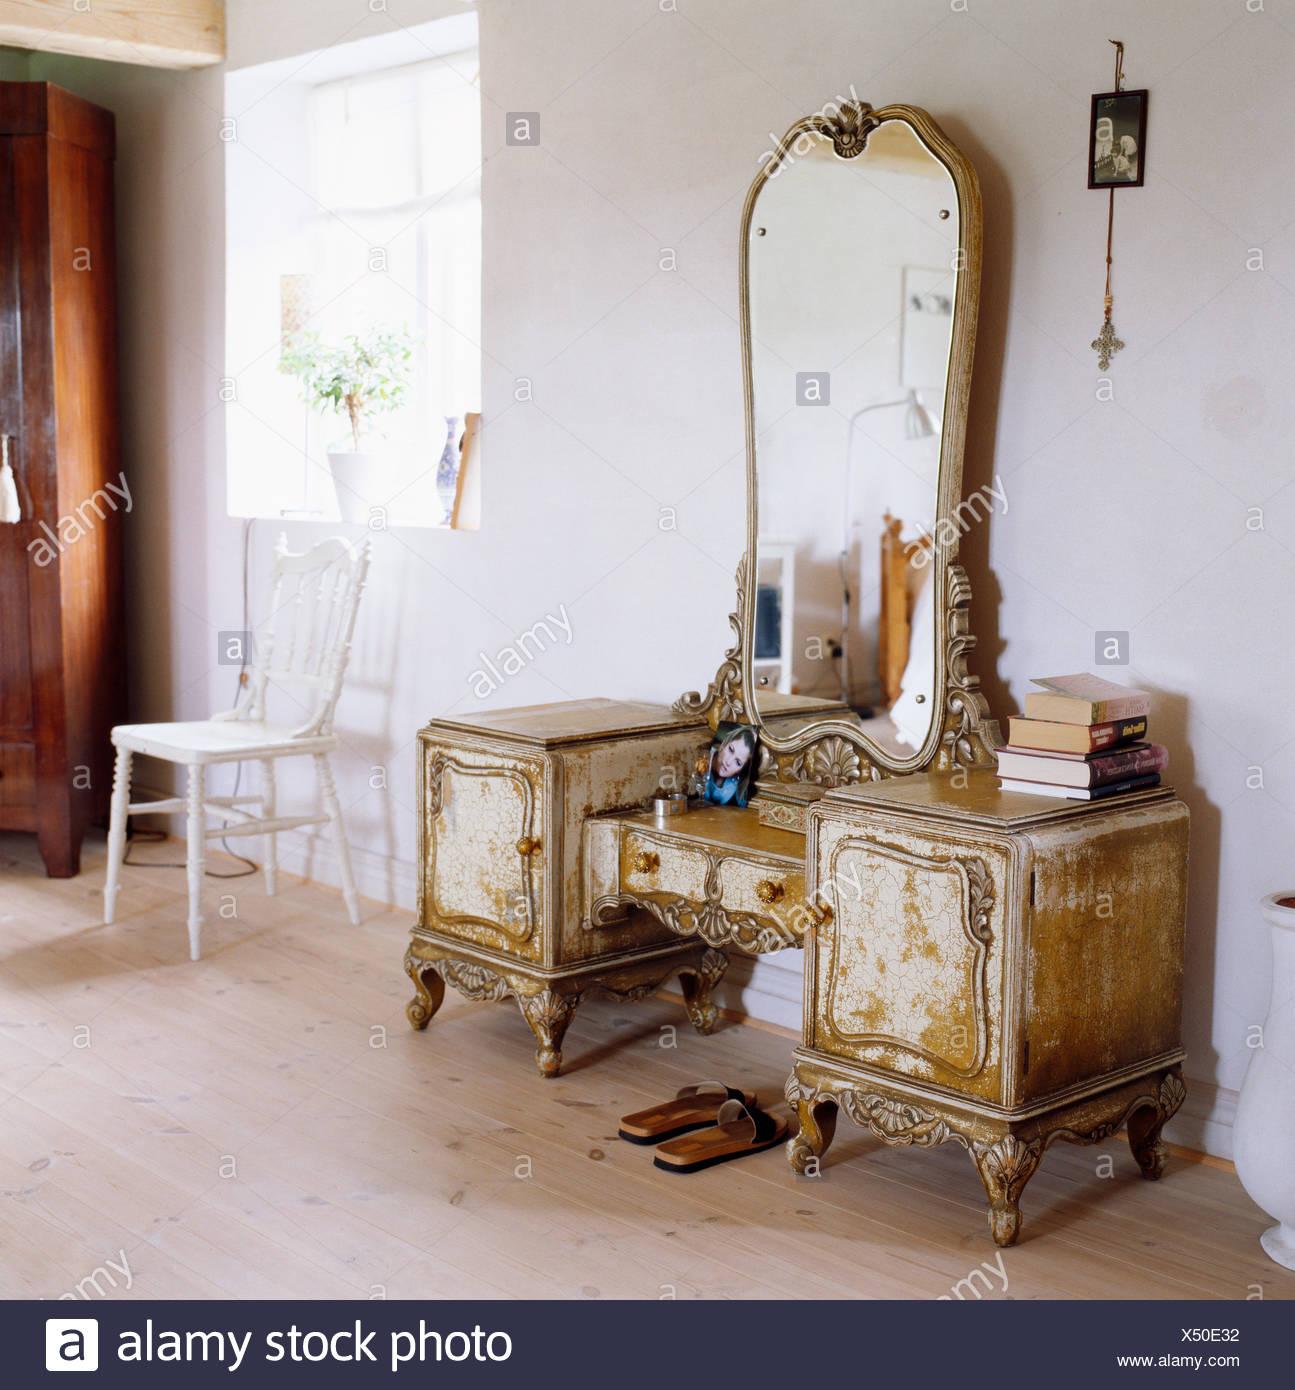 Eine Antike Möbel In Einem Raum Stockfoto Bild 278450230 Alamy